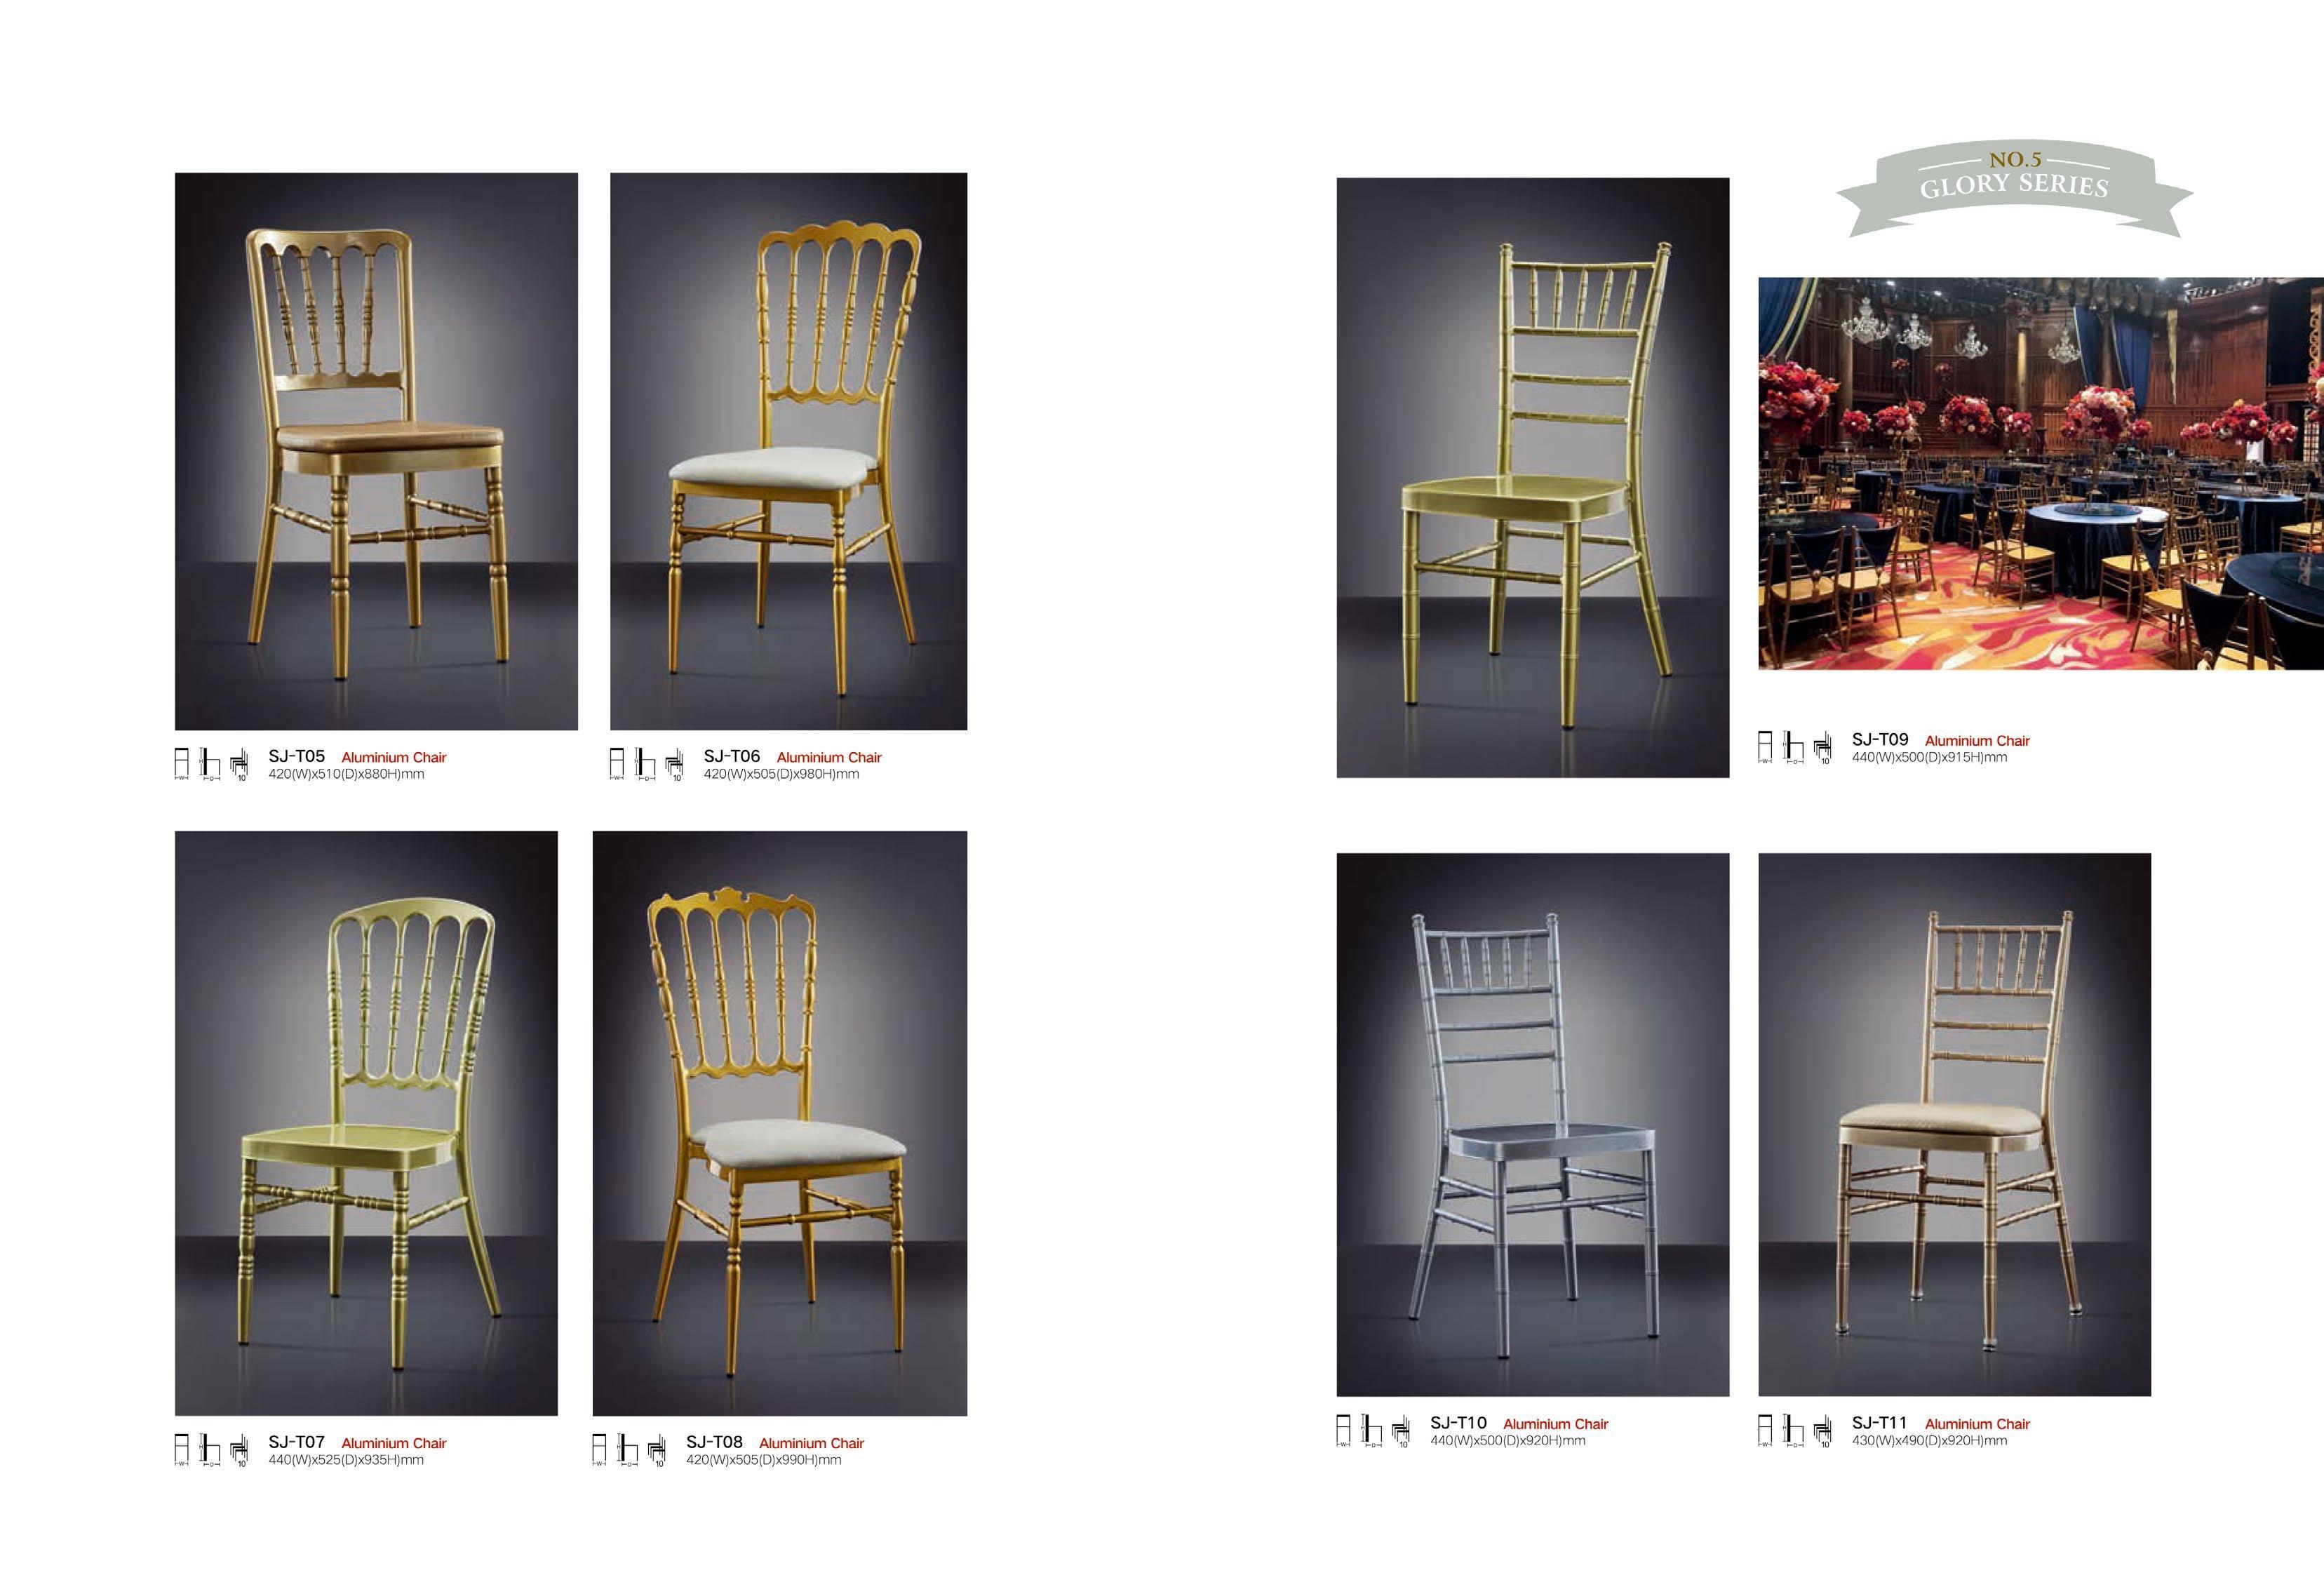 君芝友酒店家具 北欧休闲椅子 创意家具餐椅 酒店椅子时尚简约家用餐椅